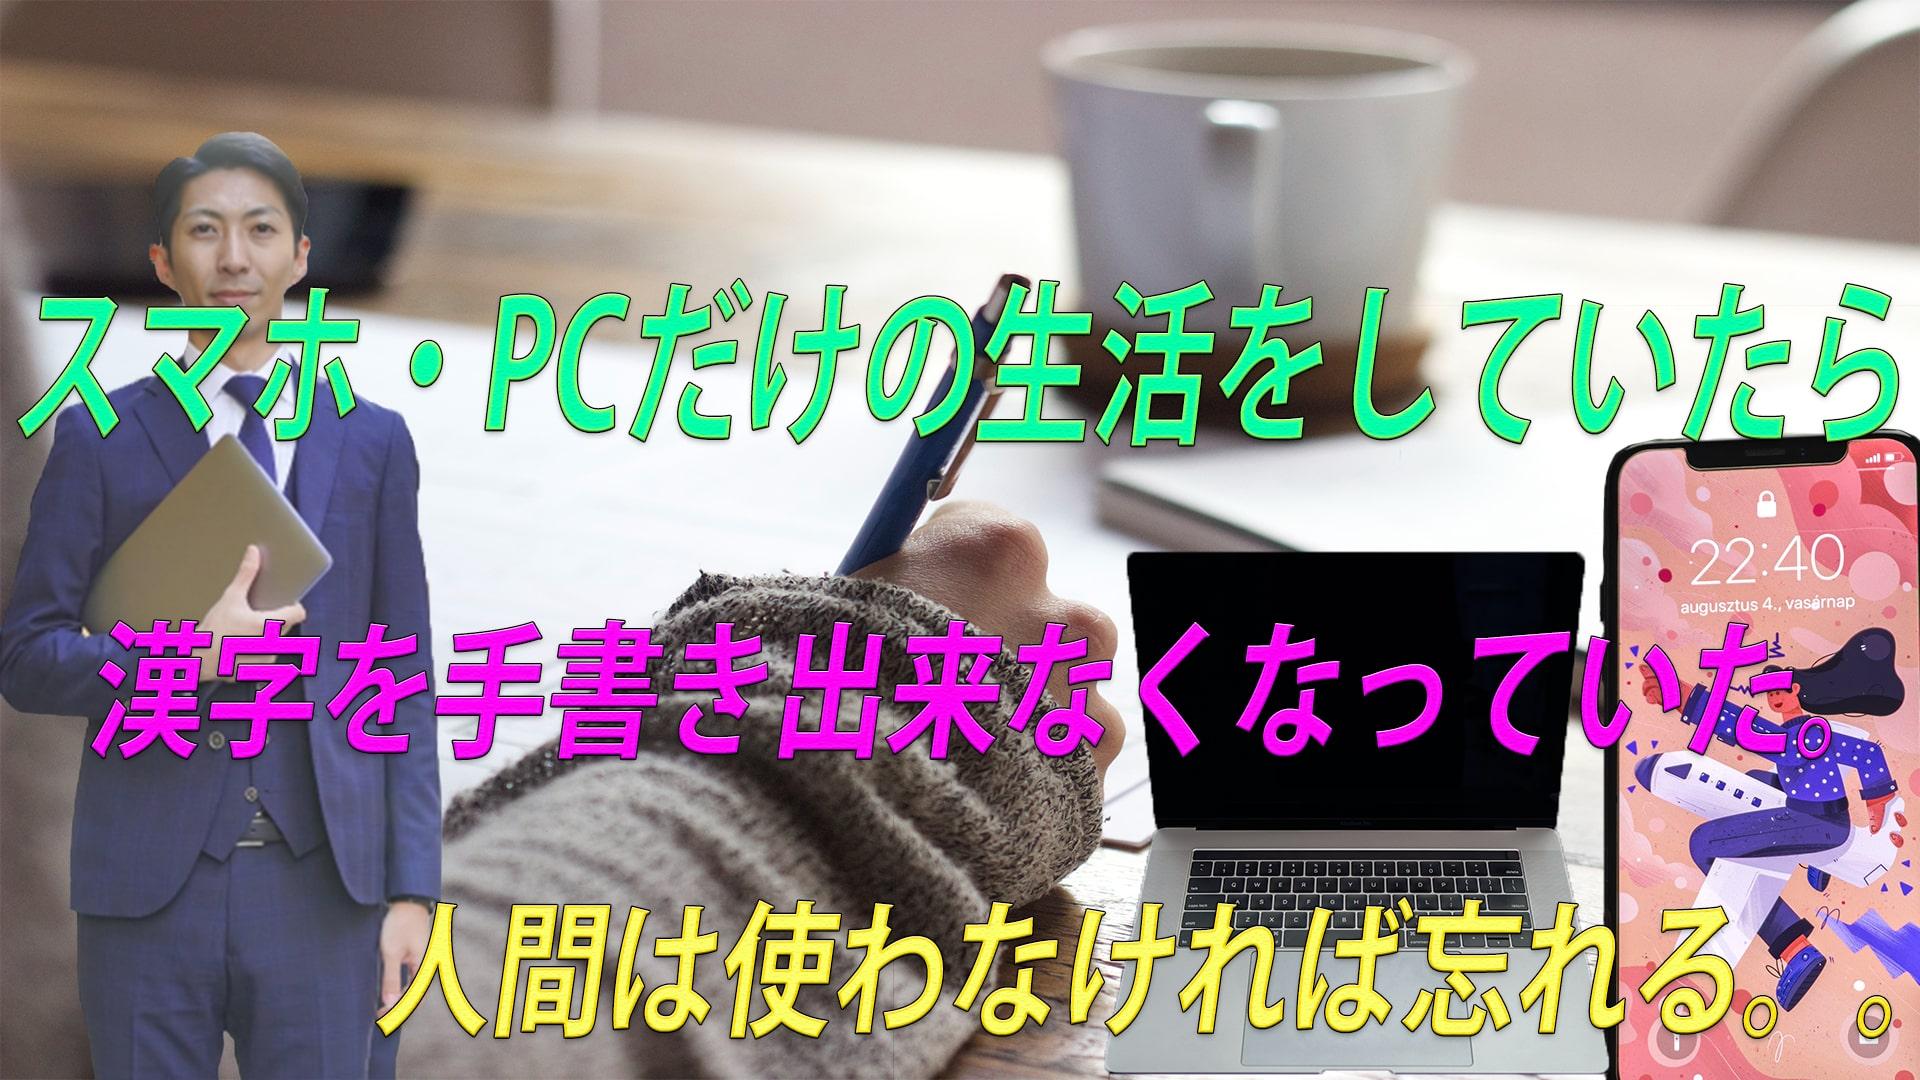 スマホ・PCだけを多様していたらいつの間にか漢字が書けない。